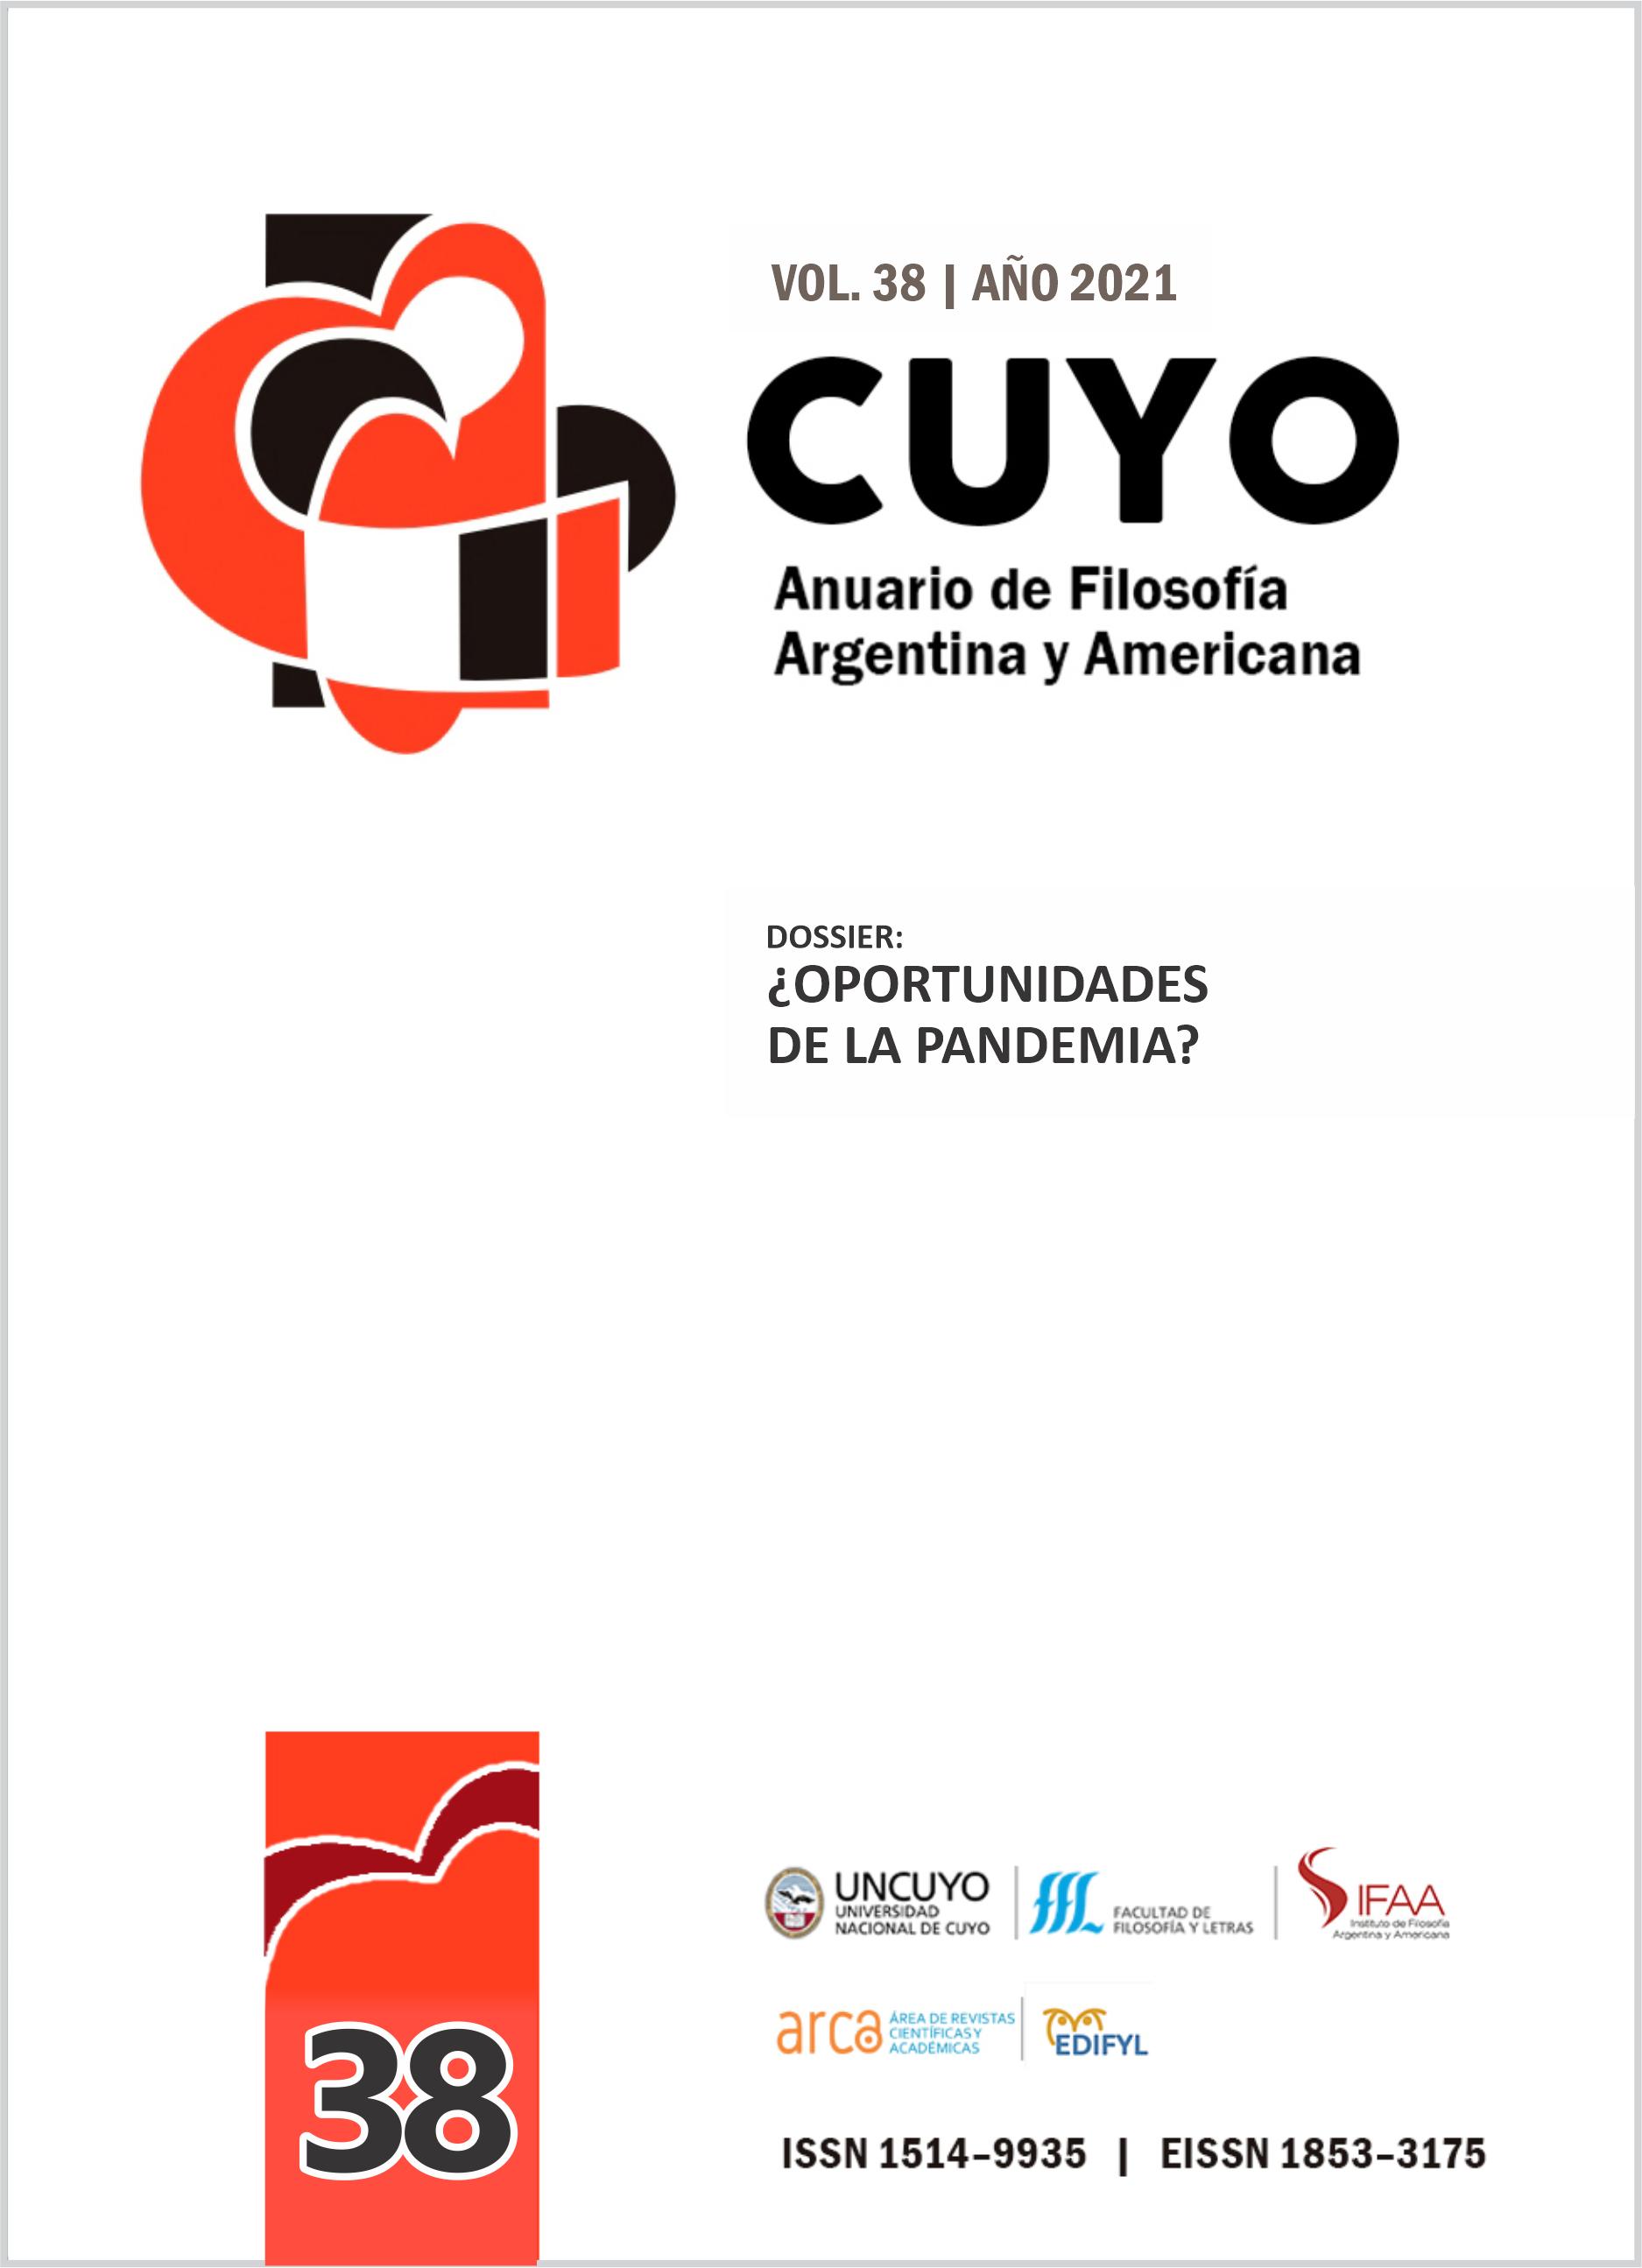 CUYO. Anuario de Filosofía Argentina y Americana